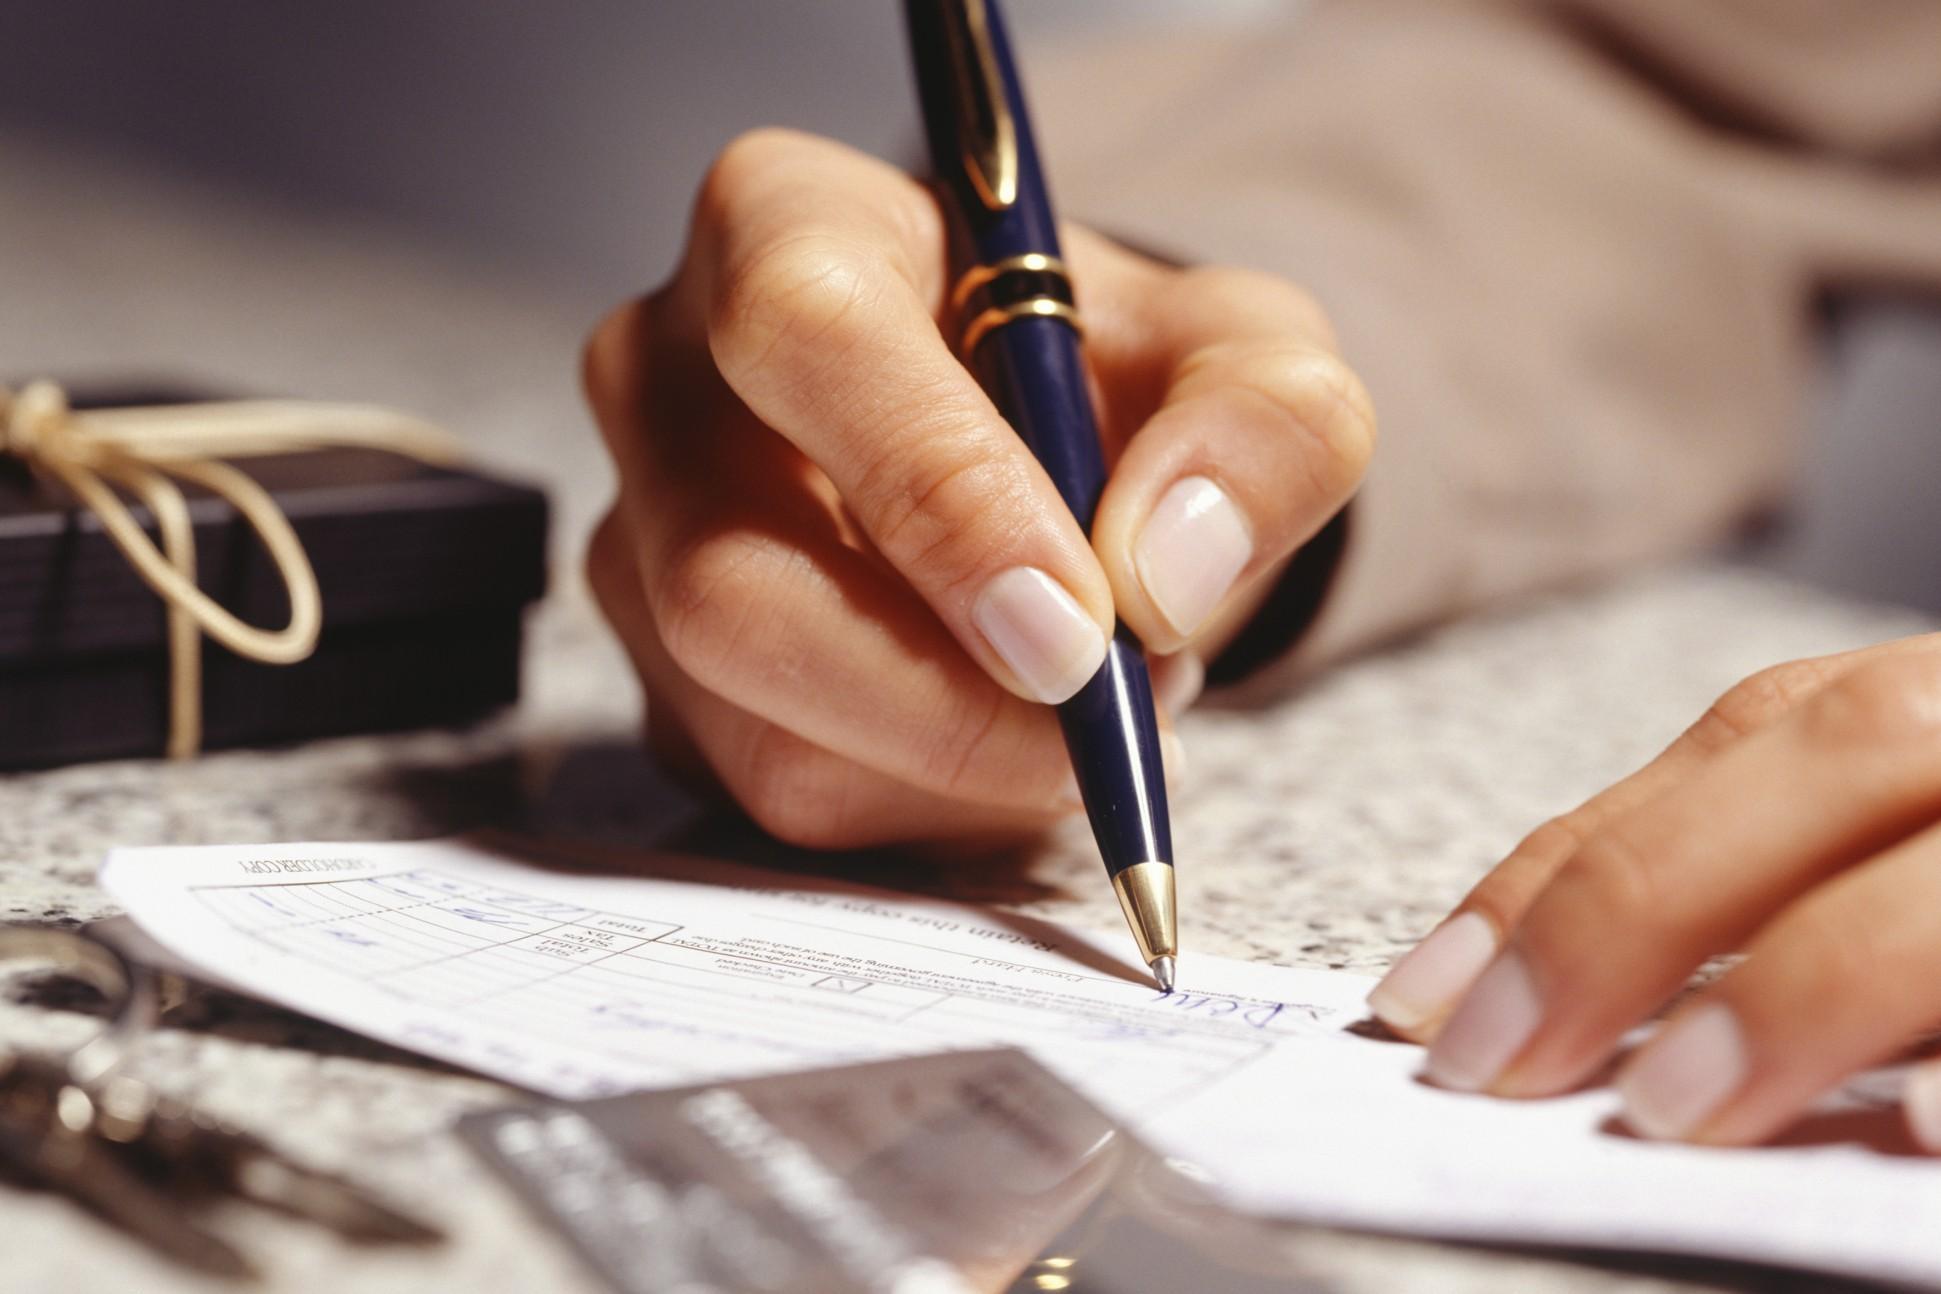 Образец приказа если работник поменял фамилию замужество